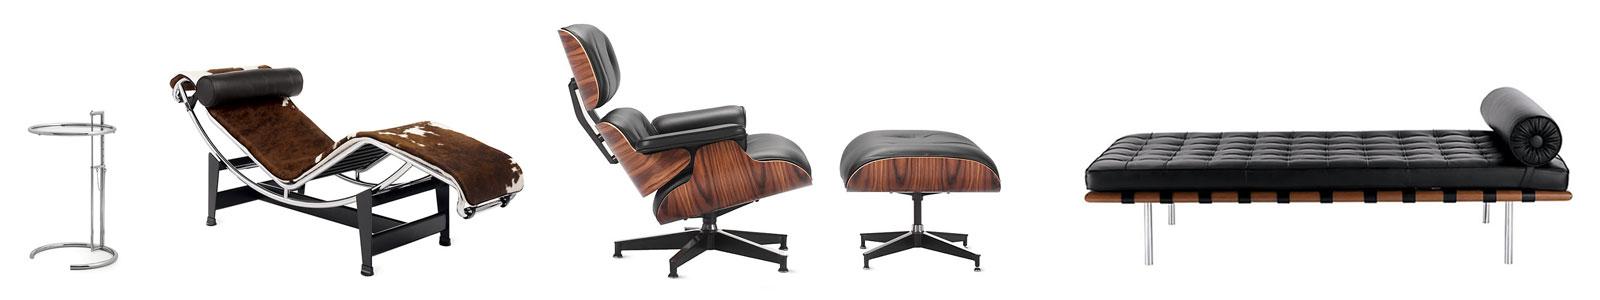 DWR-furniture